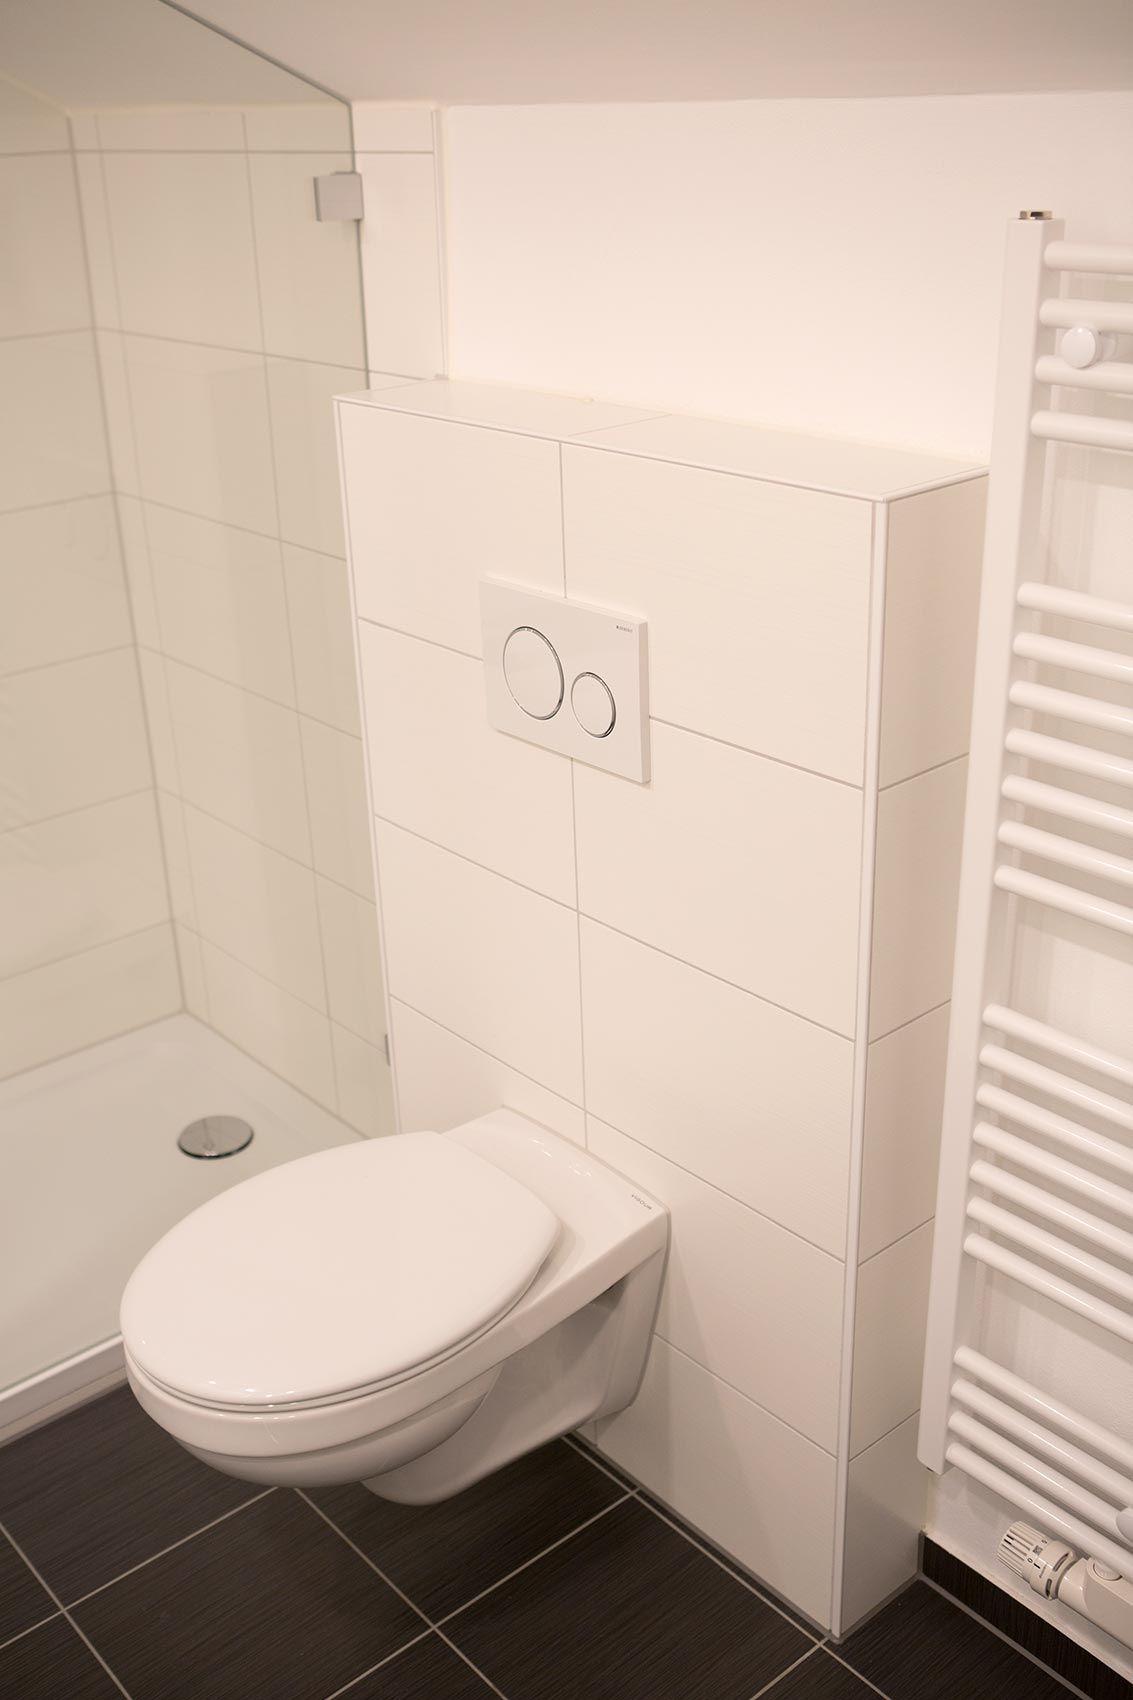 Heimwohl Badezimmer Weisse Fliesen Badezimmer Wandfliesen Bad